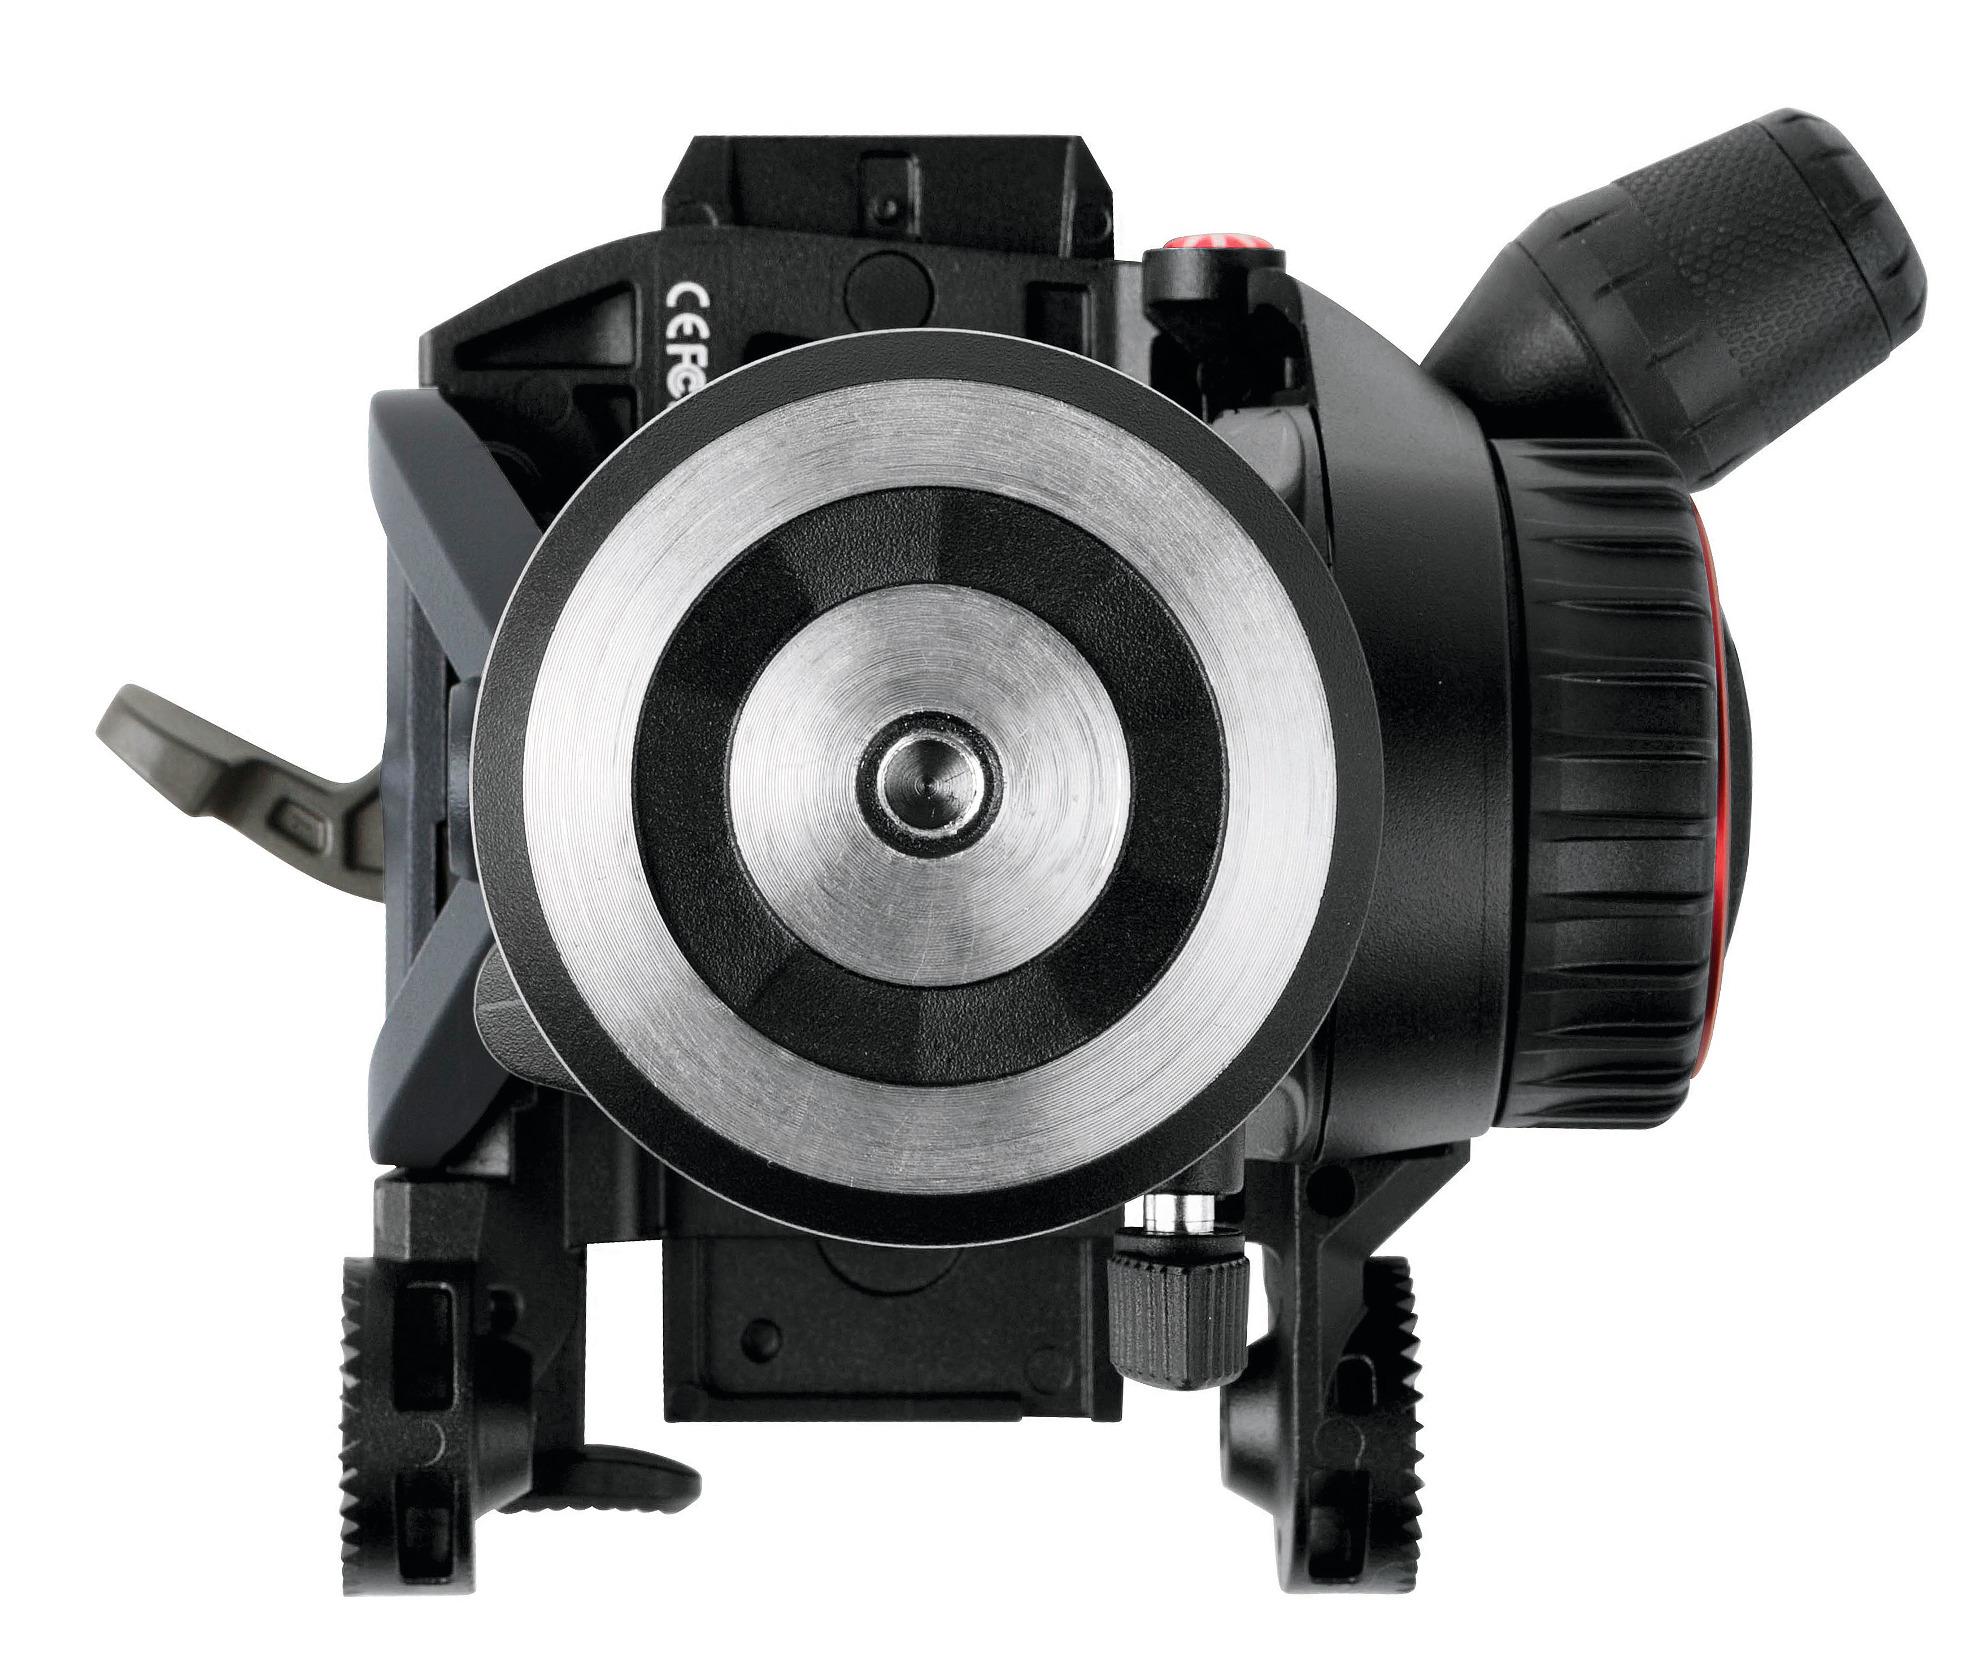 Fluid Video Head with Nitrogen Piston Mechanism